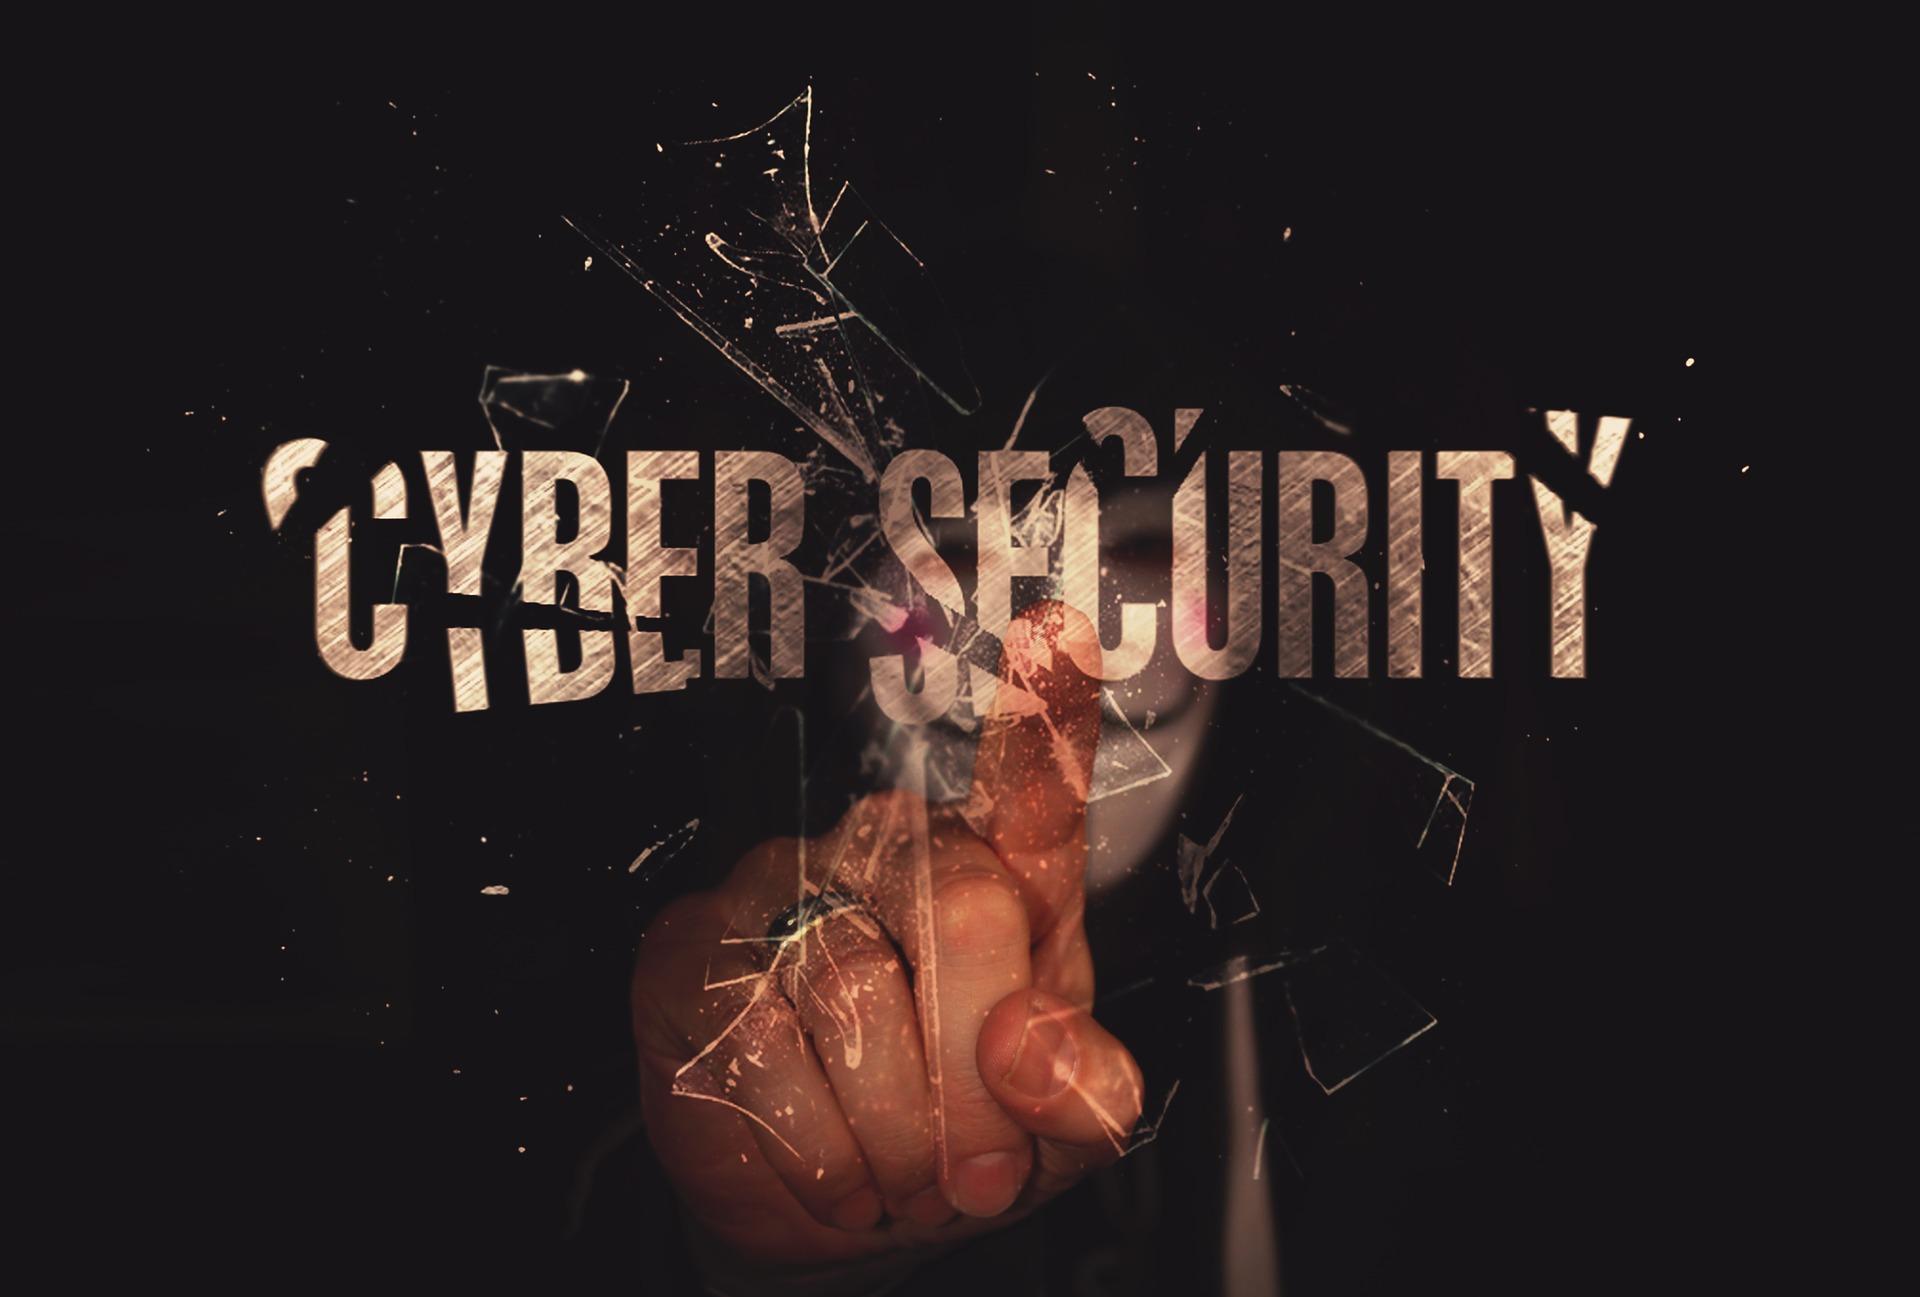 Sicurezza informatica i principali consigli per proteggere i propri dispositivi.